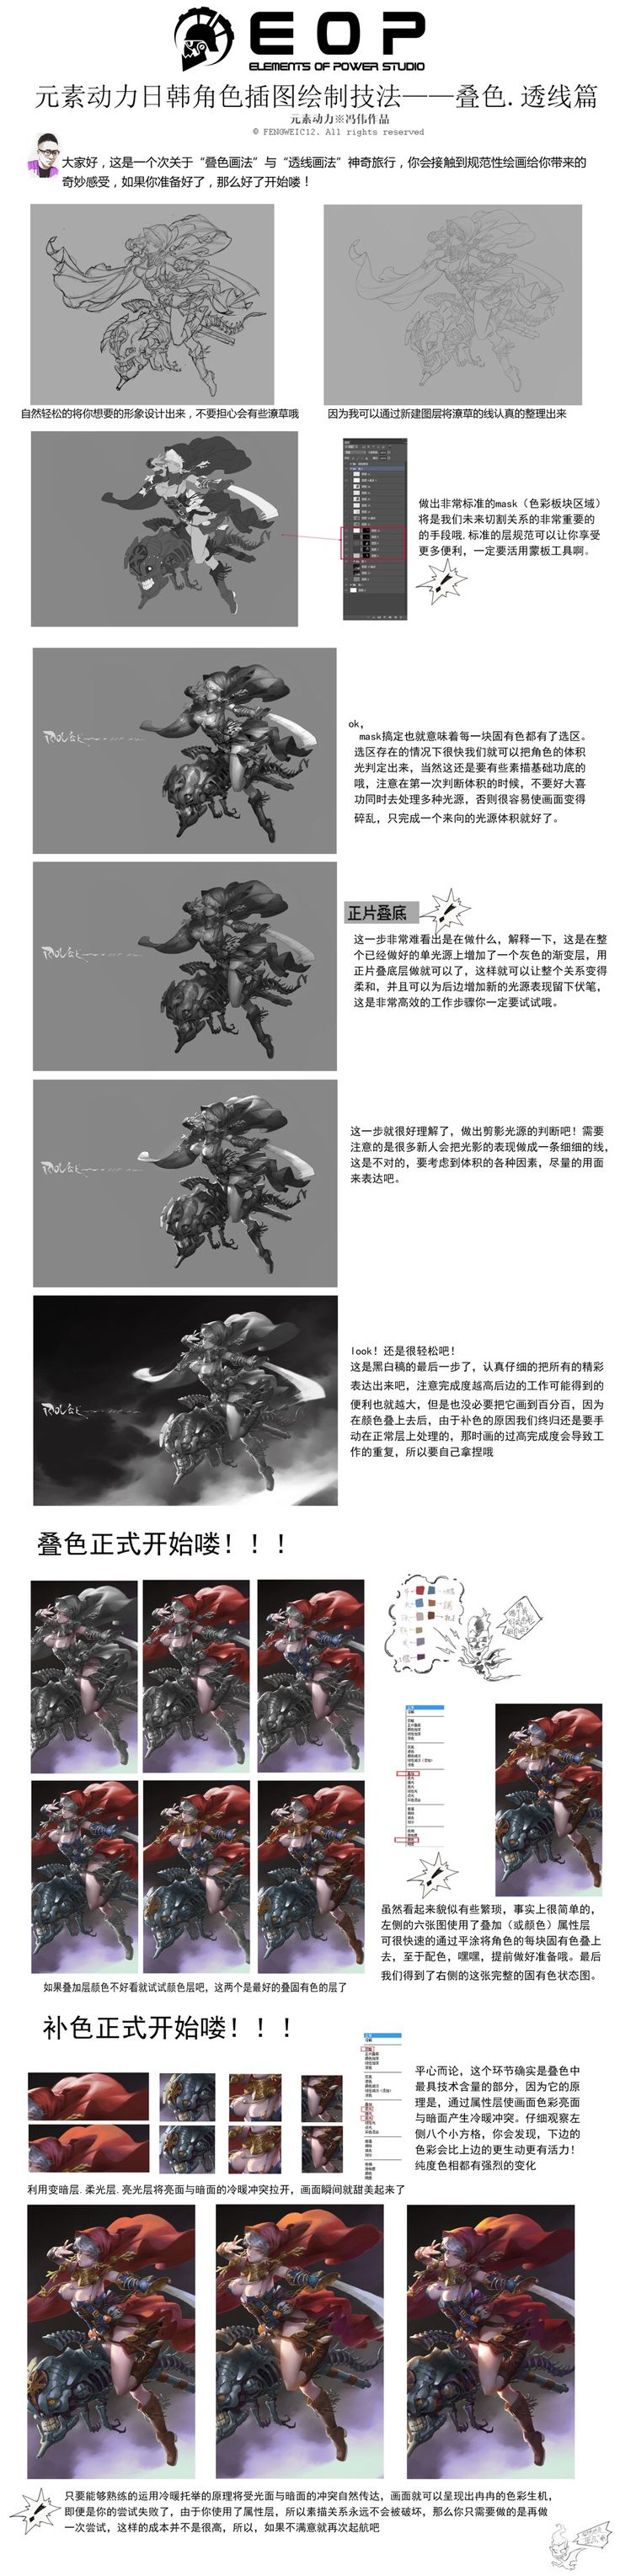 fengweic12 's Weibo_Weibo